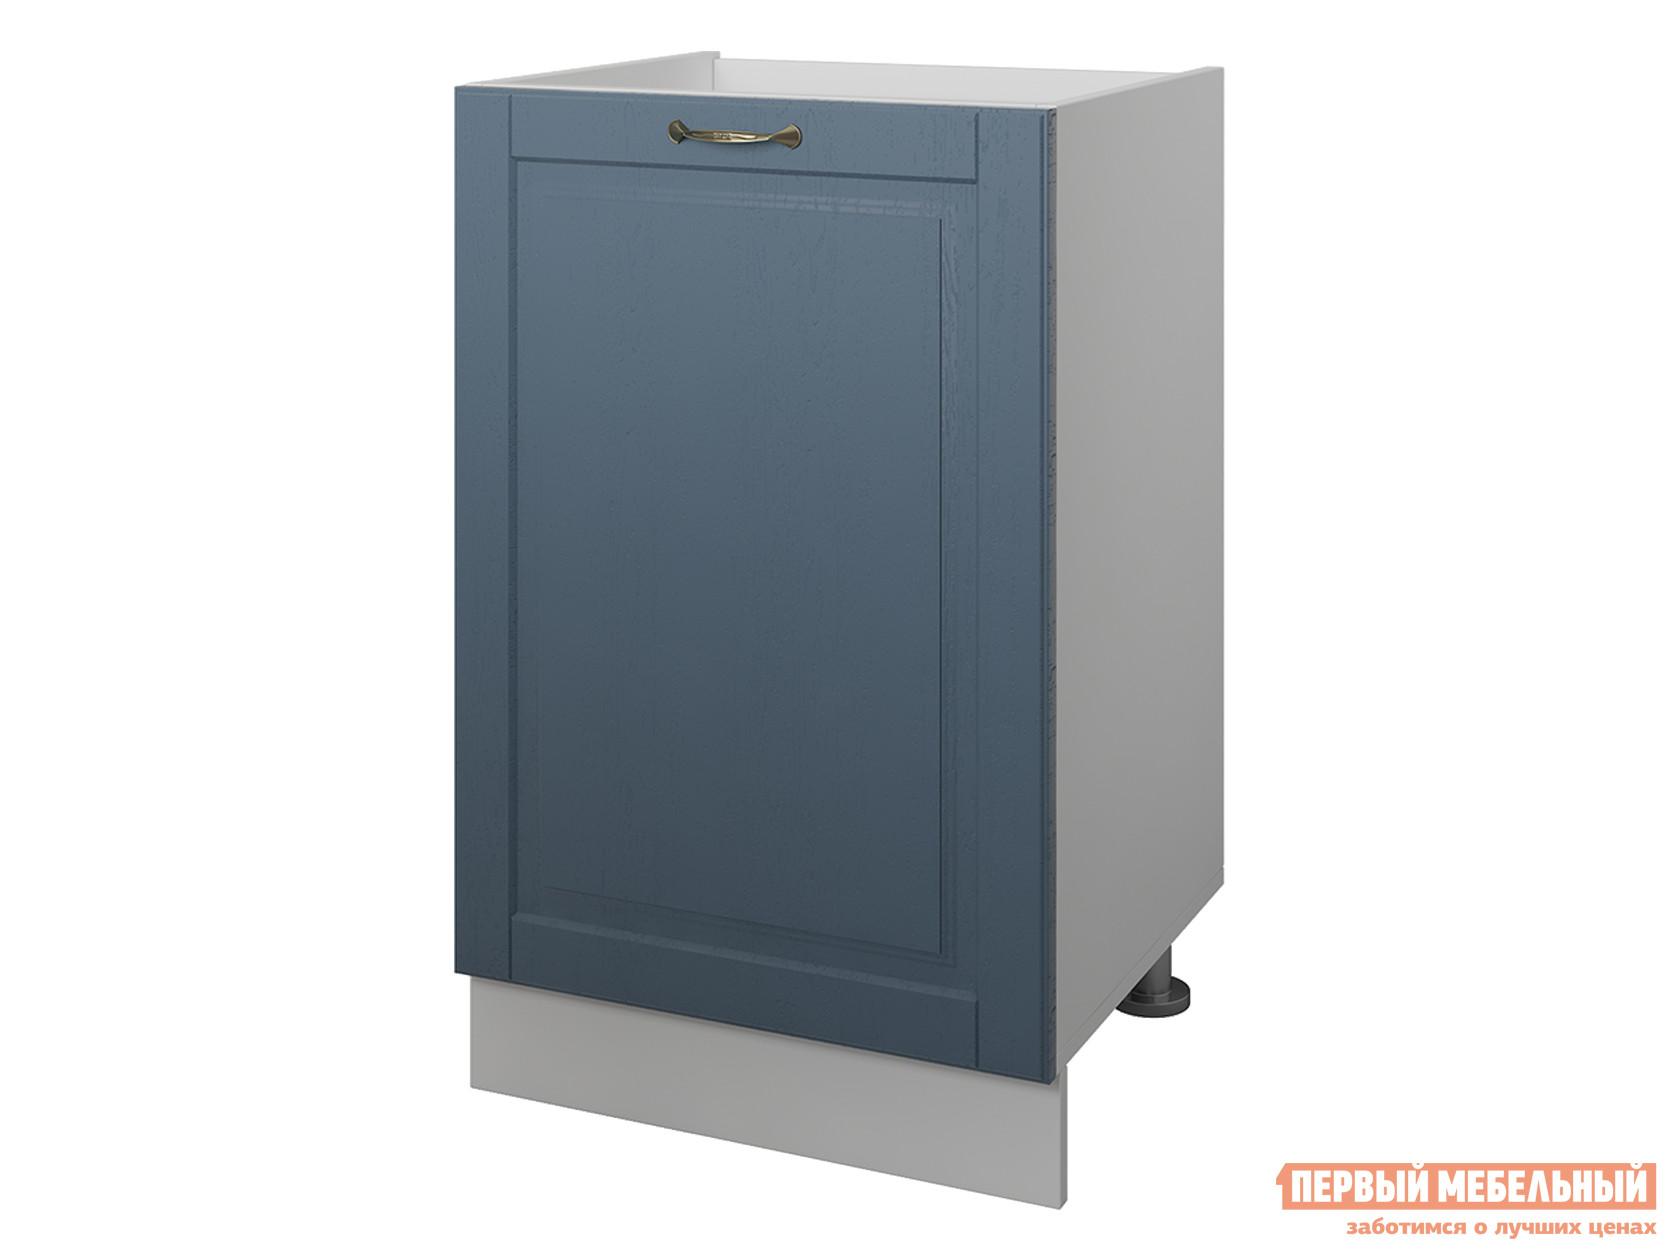 Кухонный модуль Первый Мебельный Палермо Тумба 500 под мойку БЕЗ СТОЛЕШНИЦЫ